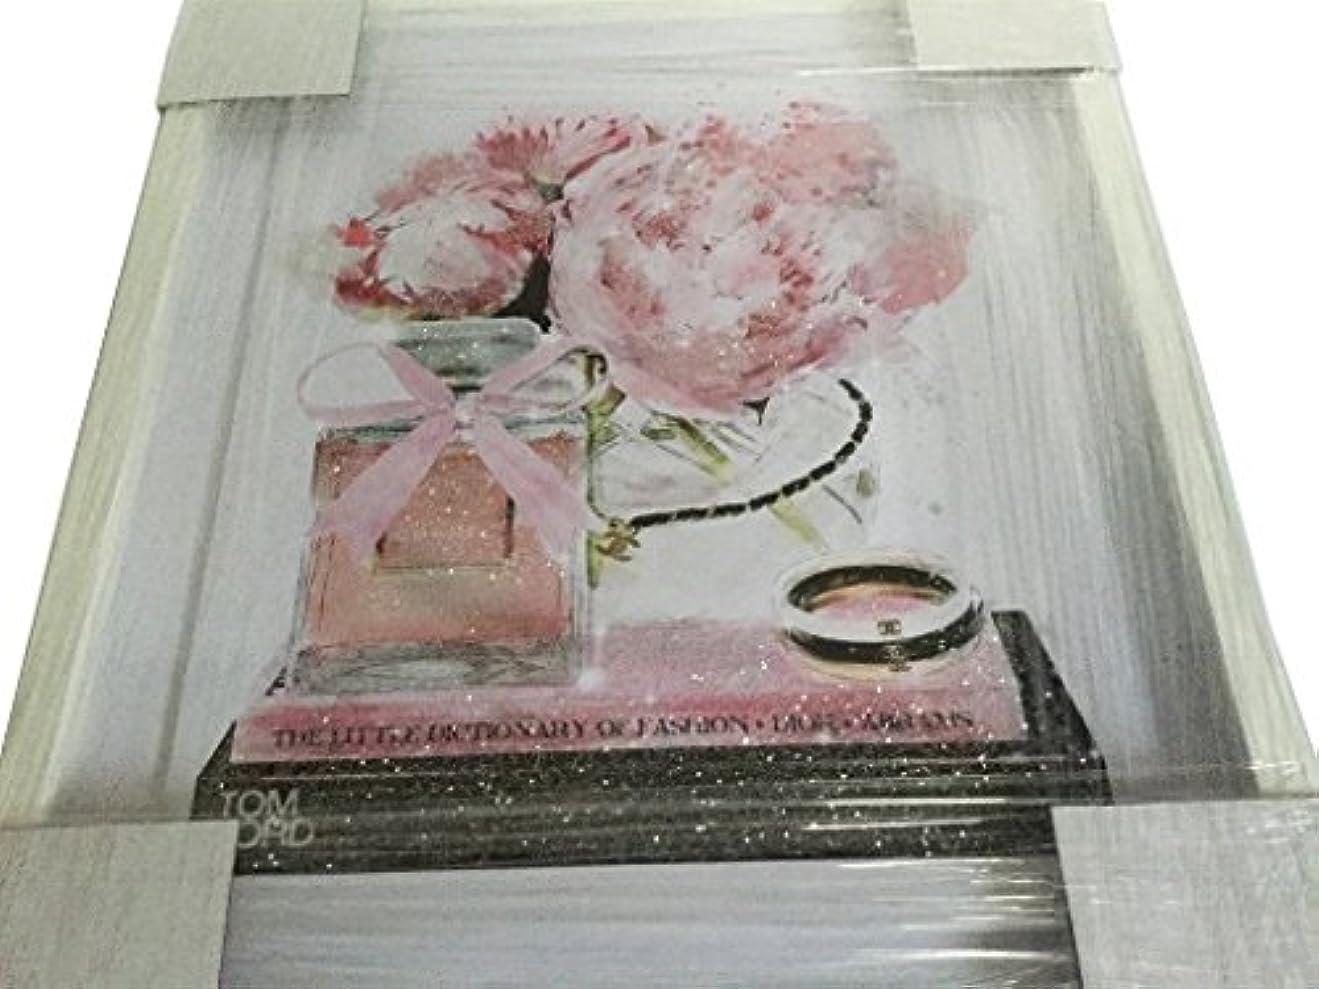 ソロトラック依存Oliver Gal O83 Elegant Perfume and Morning CHANEL スワロフスキー (17×20インチ:43.18×50.8cm)